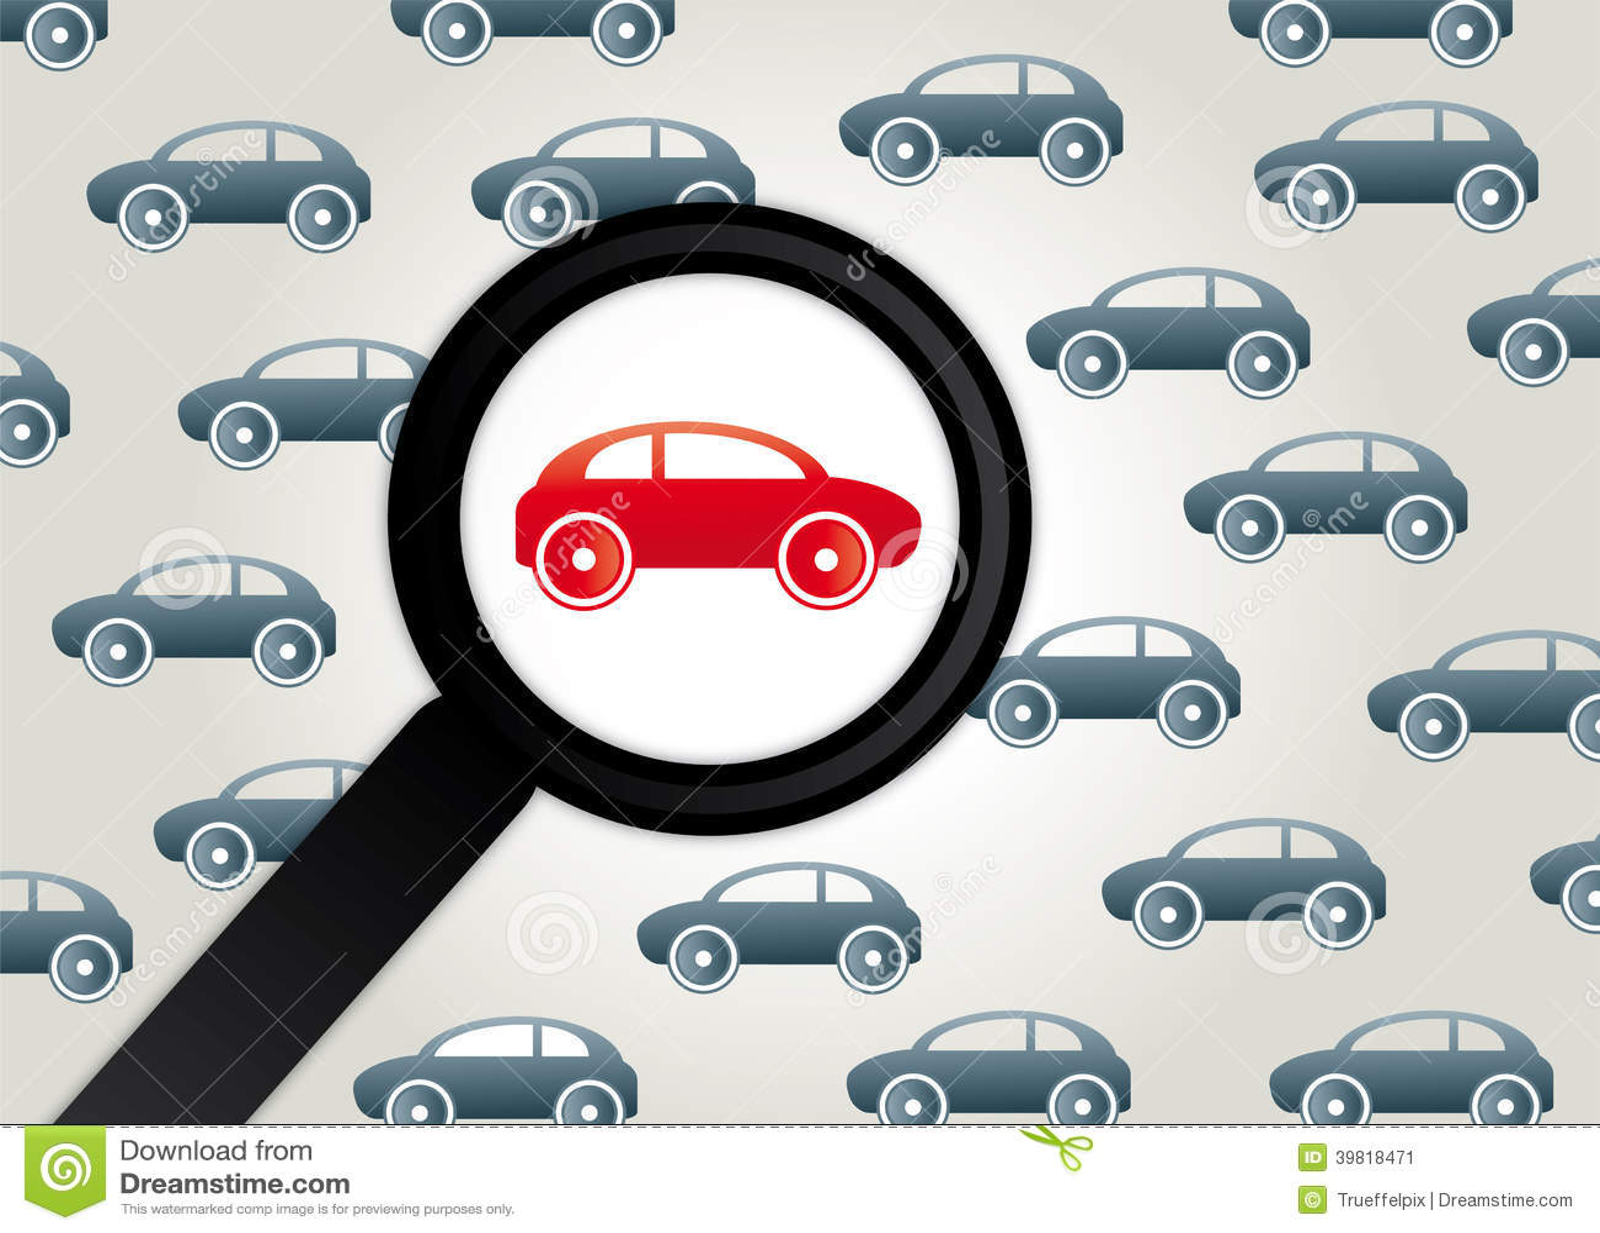 Find Car Registration Date